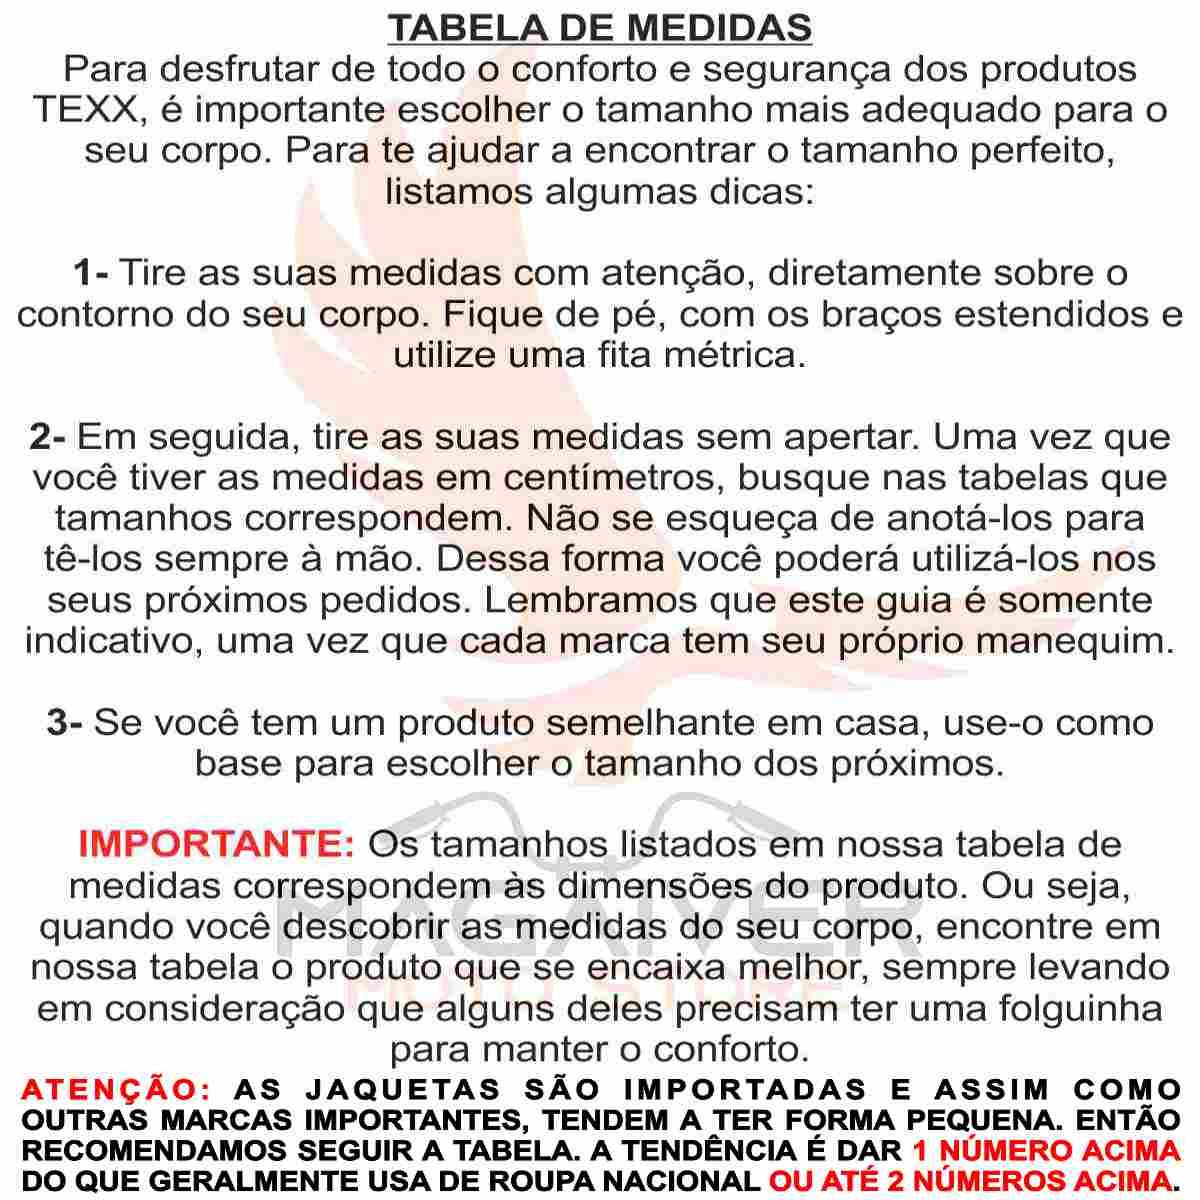 KIT JAQUETA DE MOTOQUEIRO MASCULINO TEXX NEW STRIKE + CALÇA DE MOTO 100% IMPERMEÁVEL